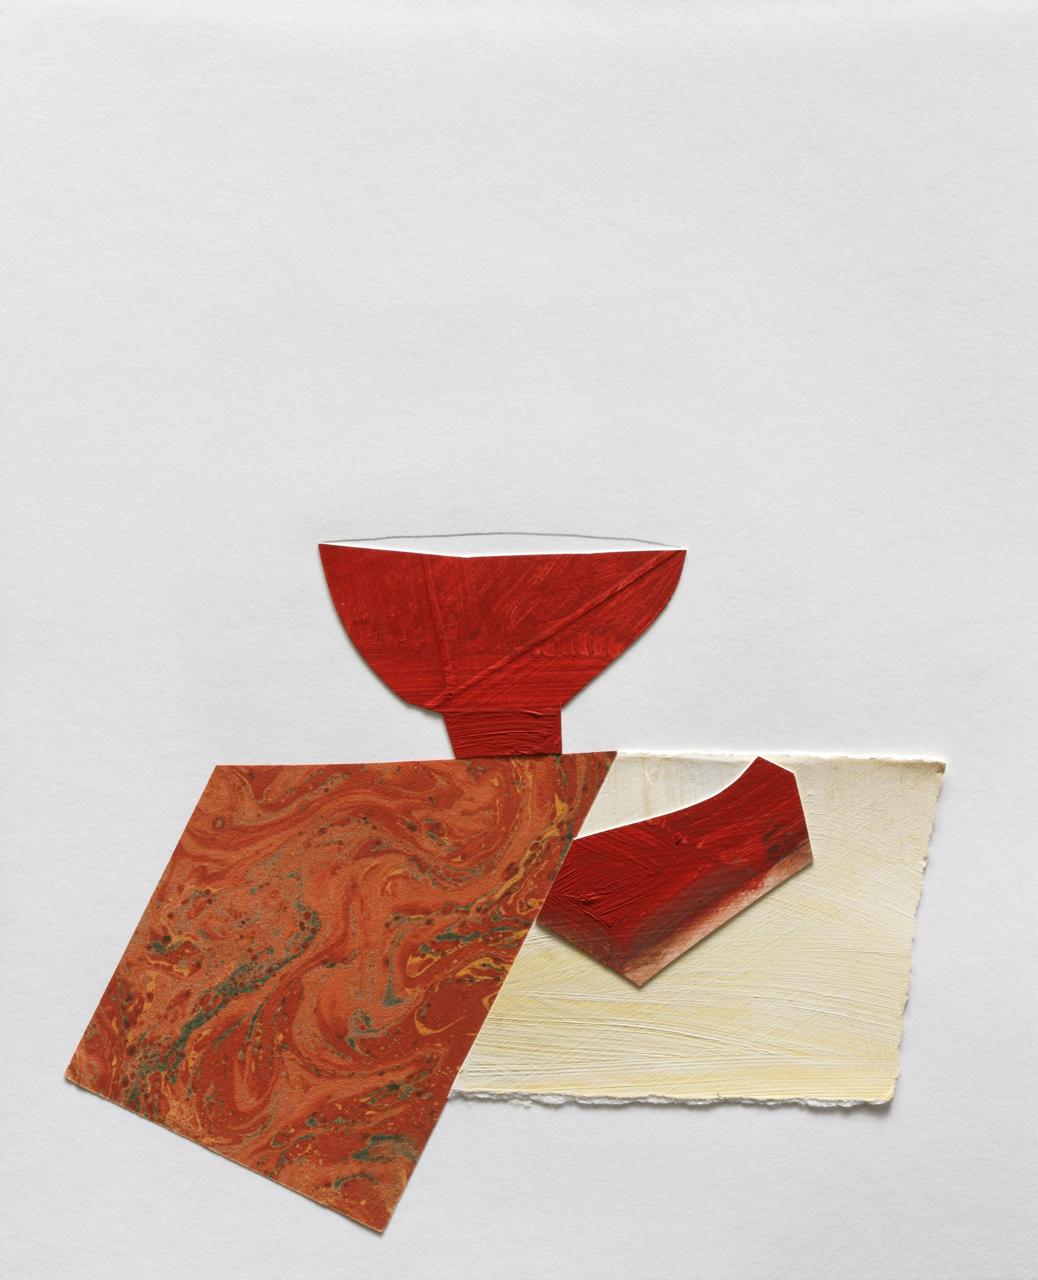 """Teabowl w Marbled Napkin, Mix Media on Paper, 10""""x11"""", 2009"""